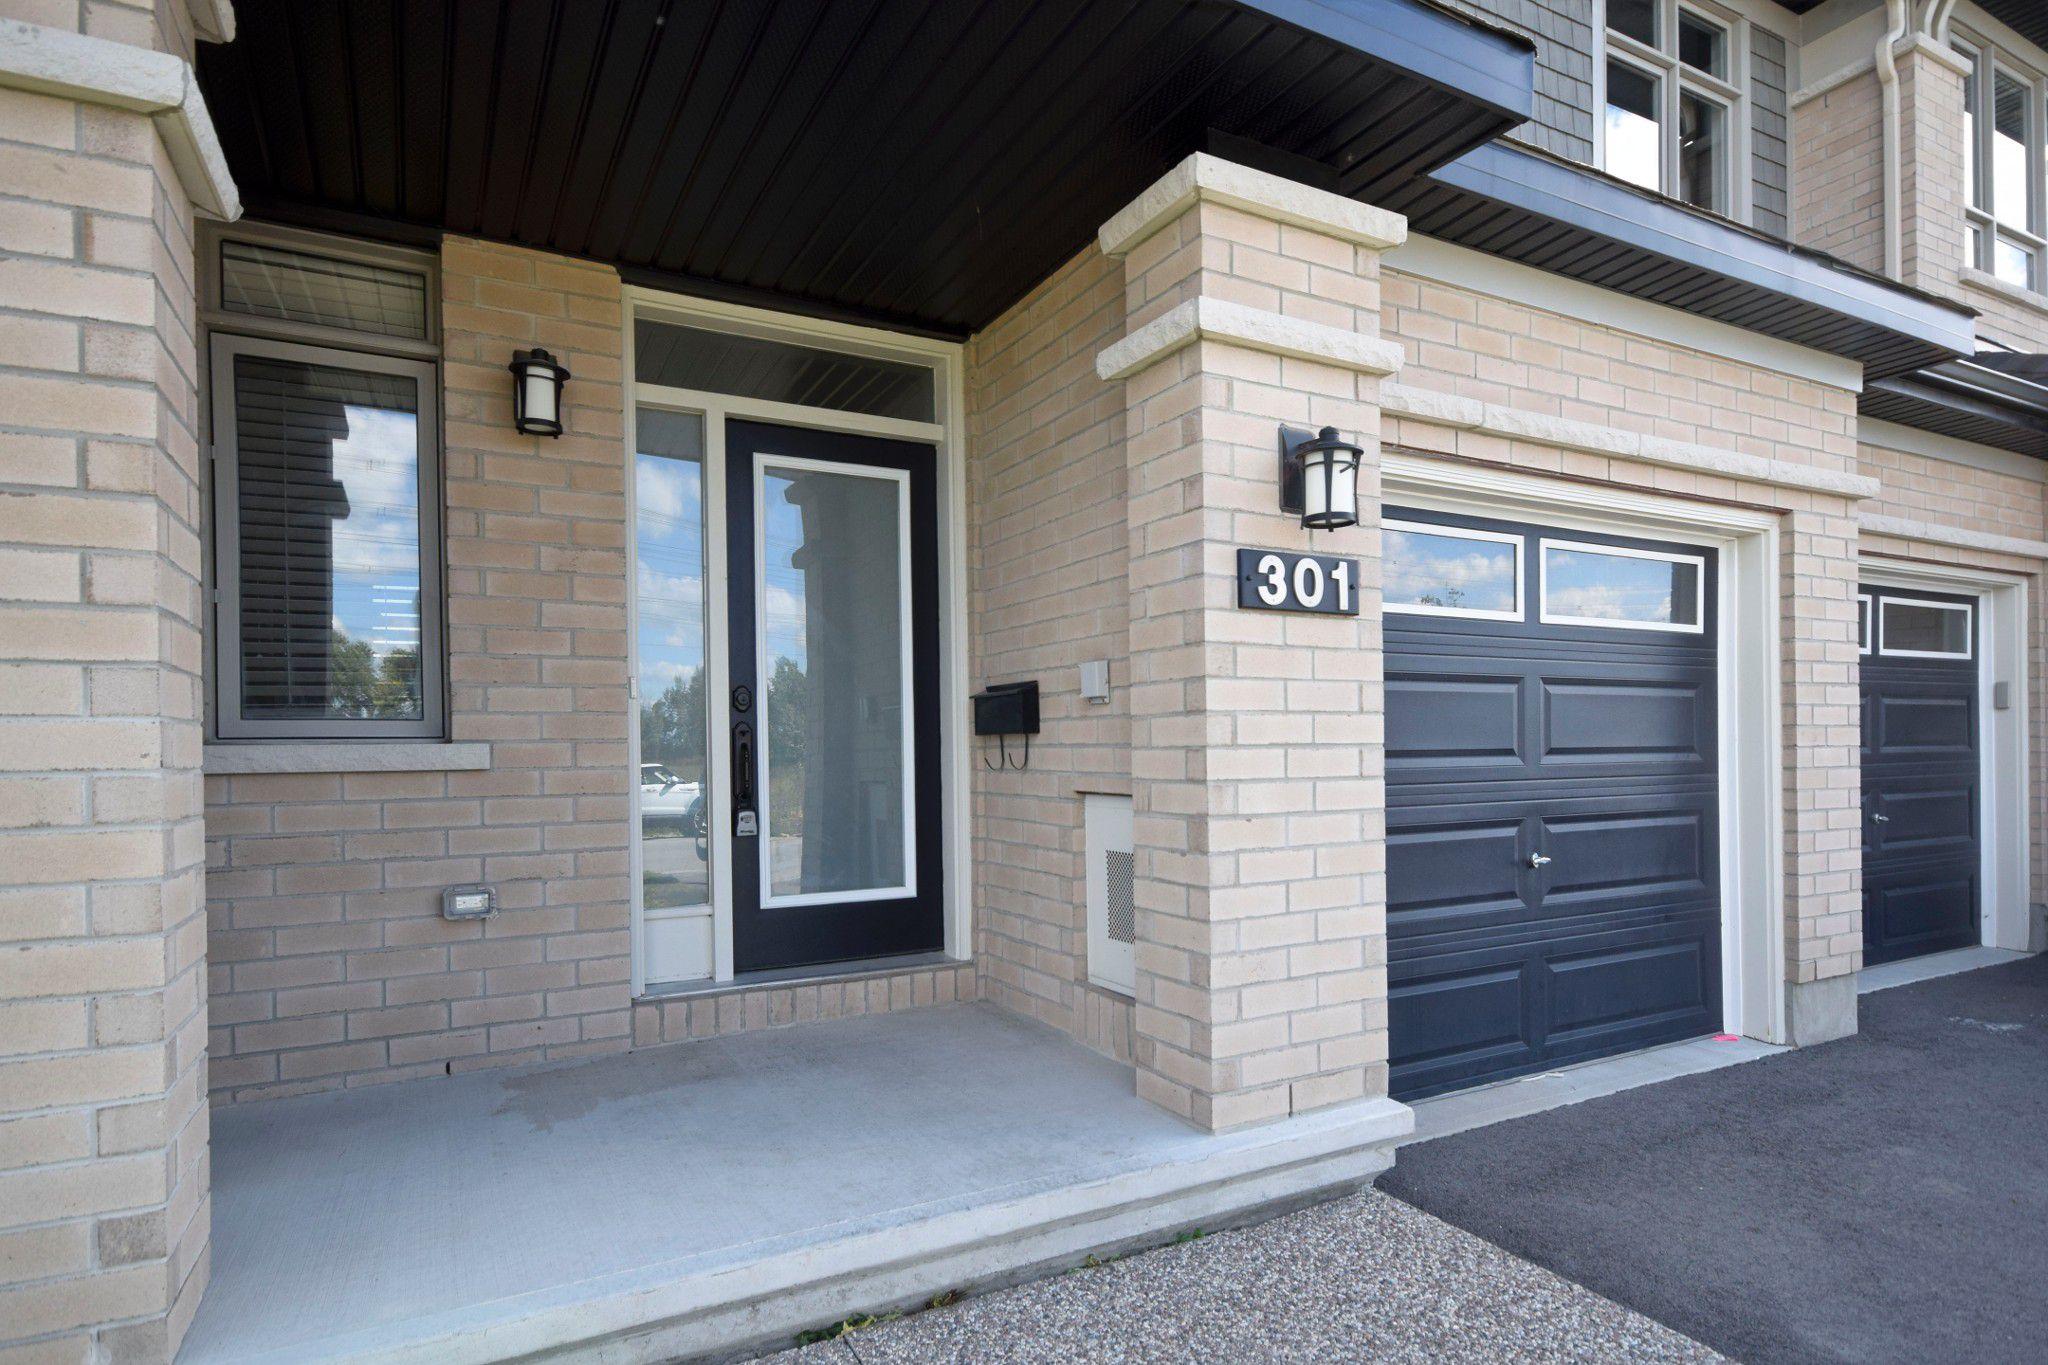 Photo 5: Photos: 301 Livery Street Stittsville Ottawa ON 255